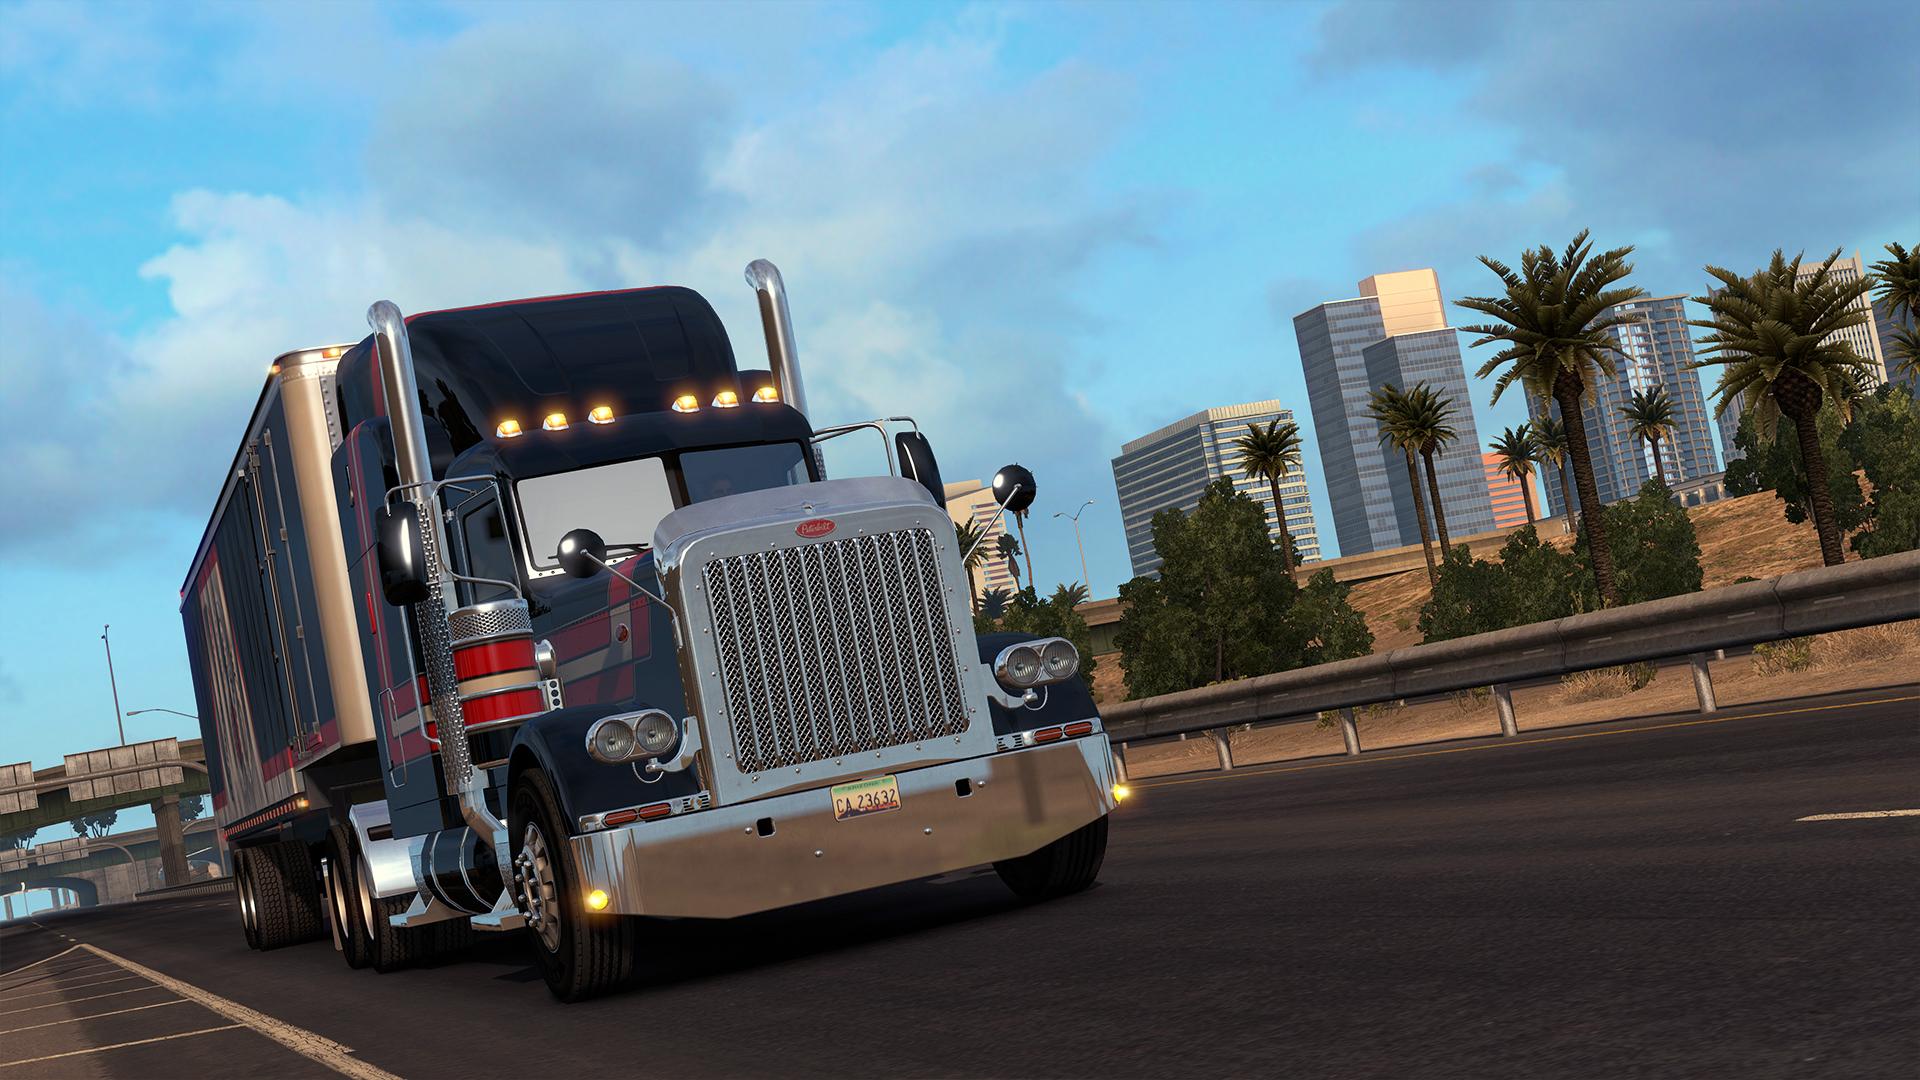 Скриншот American Truck Simulator v1.35.1.14s + 21 DLC скачать торрент бесплатно